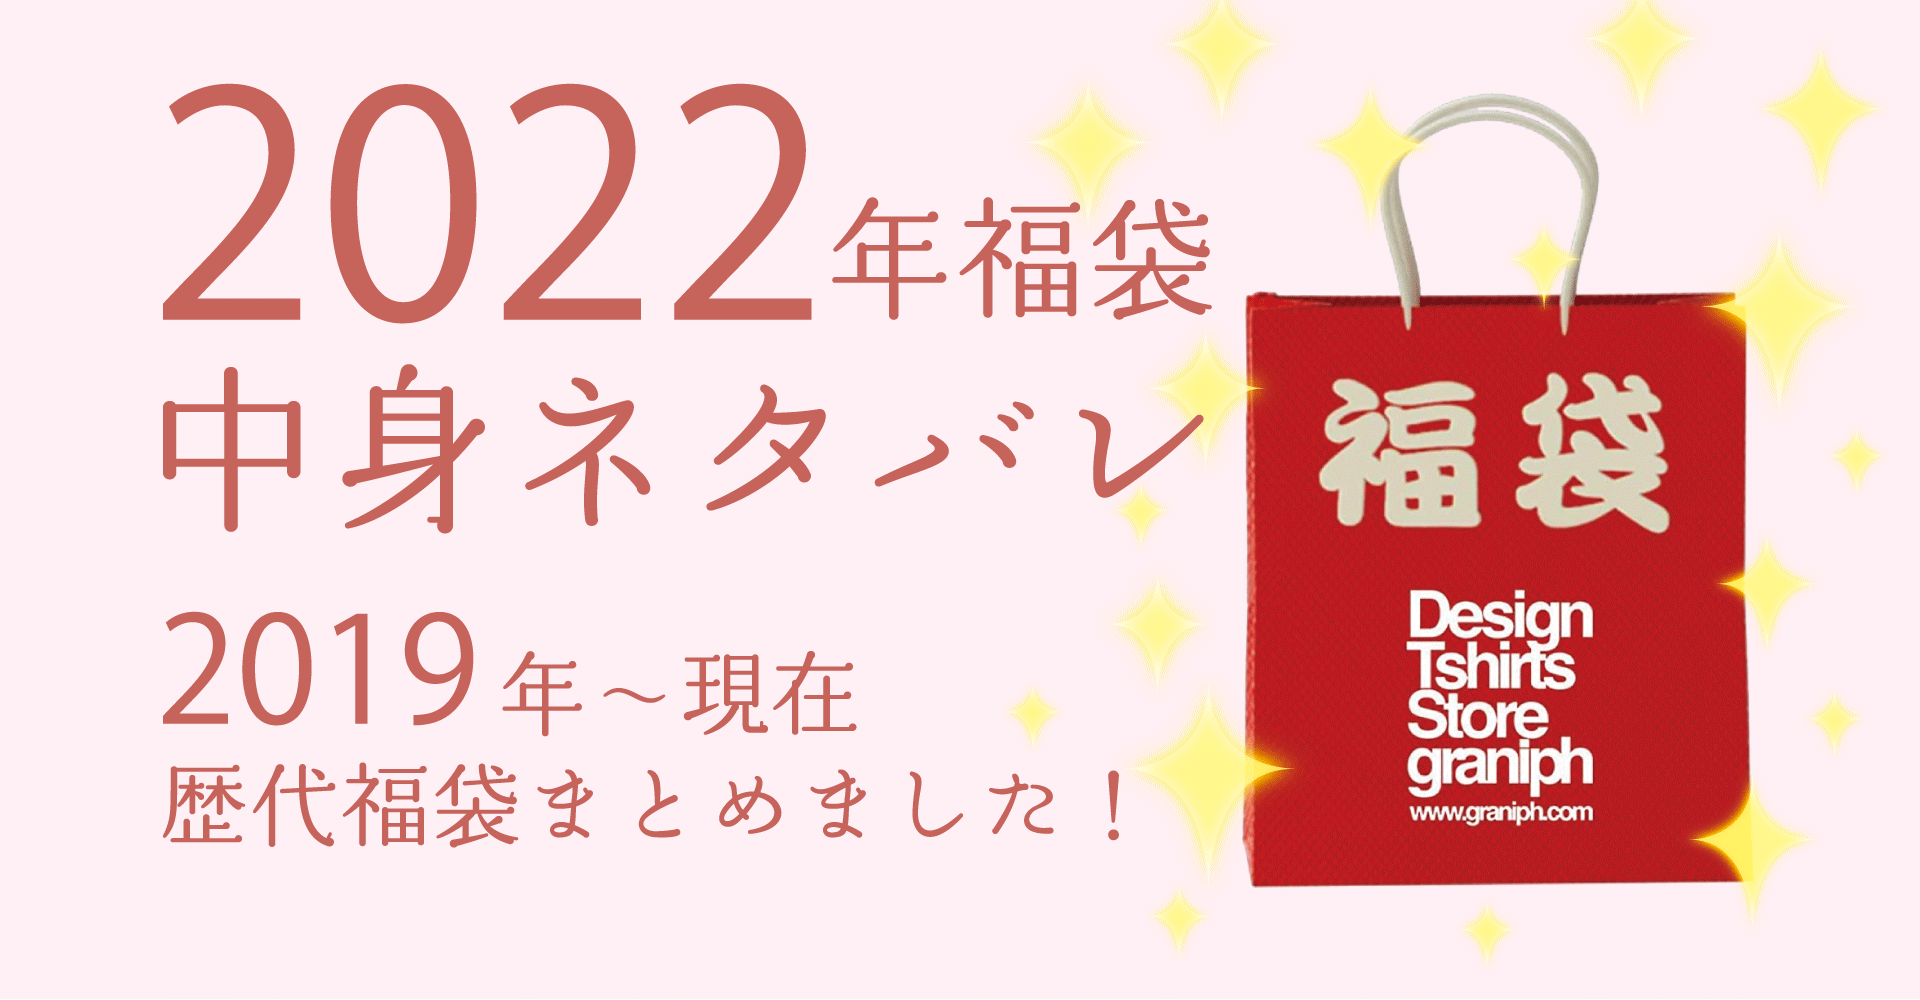 グラニフ2022年福袋中身ネタバレ!購入方法やおすすめの通販サイトも!